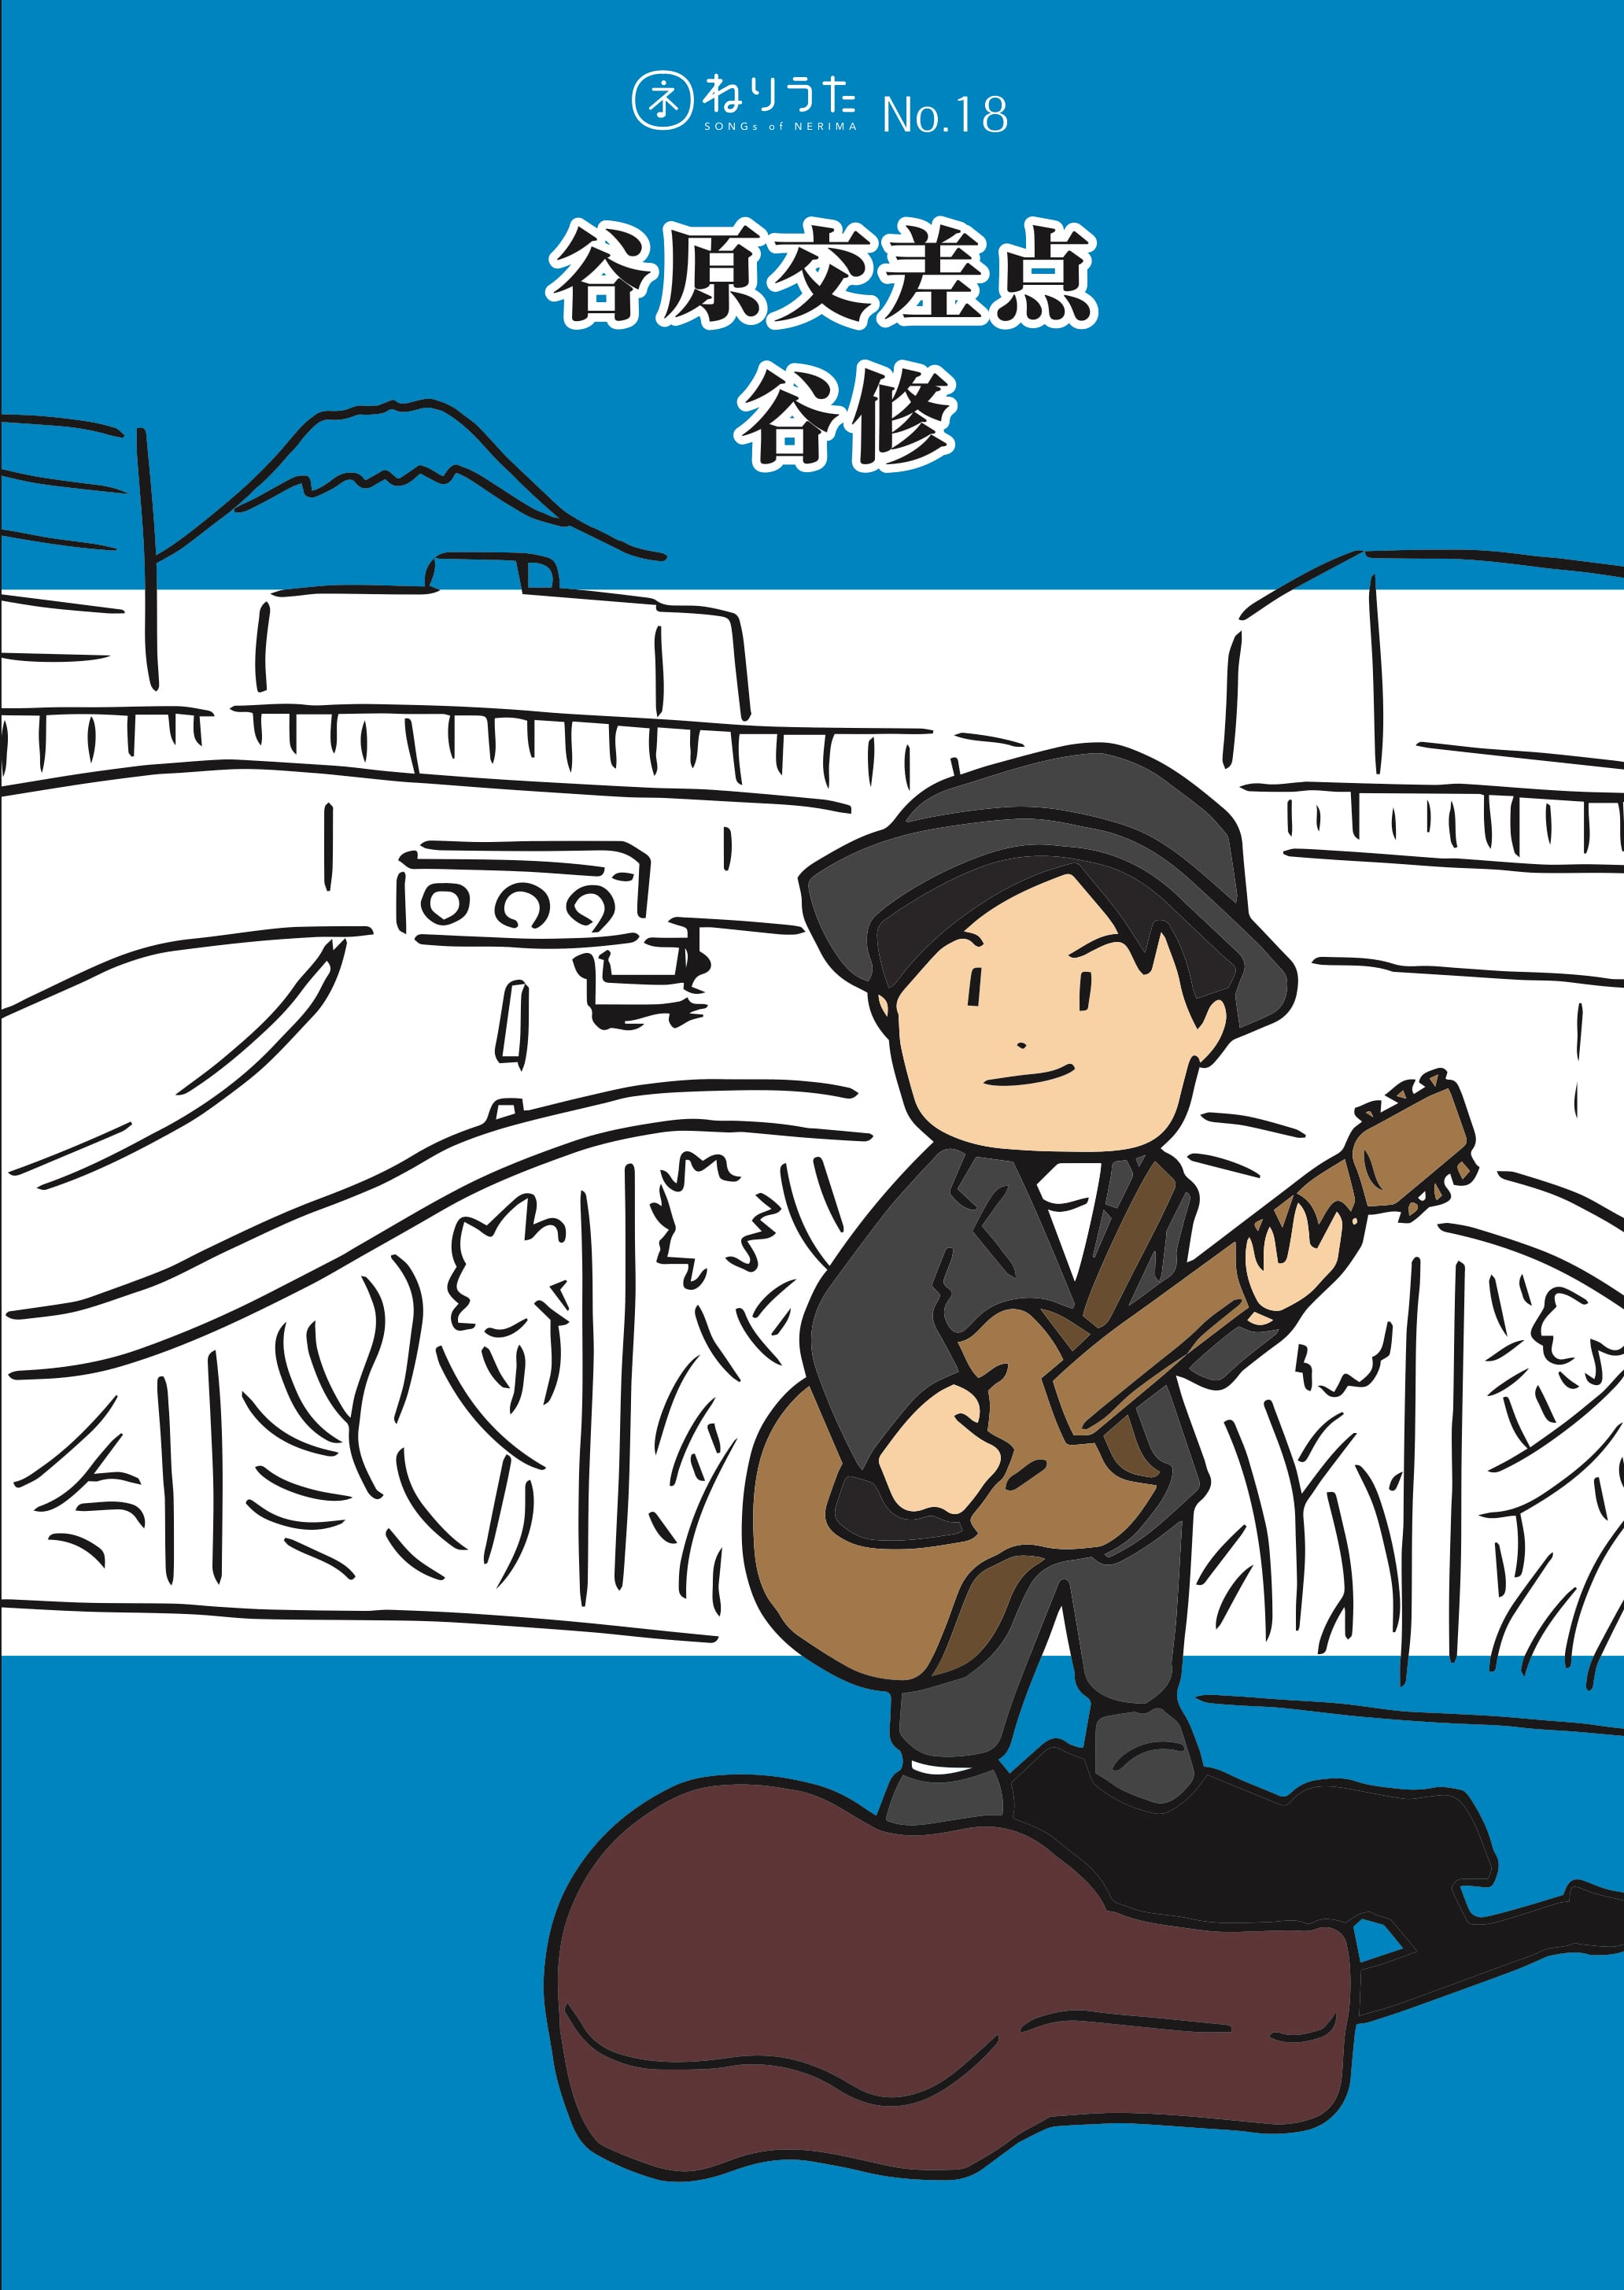 ねりうた #18 「谷原交差点」ダウンロード版